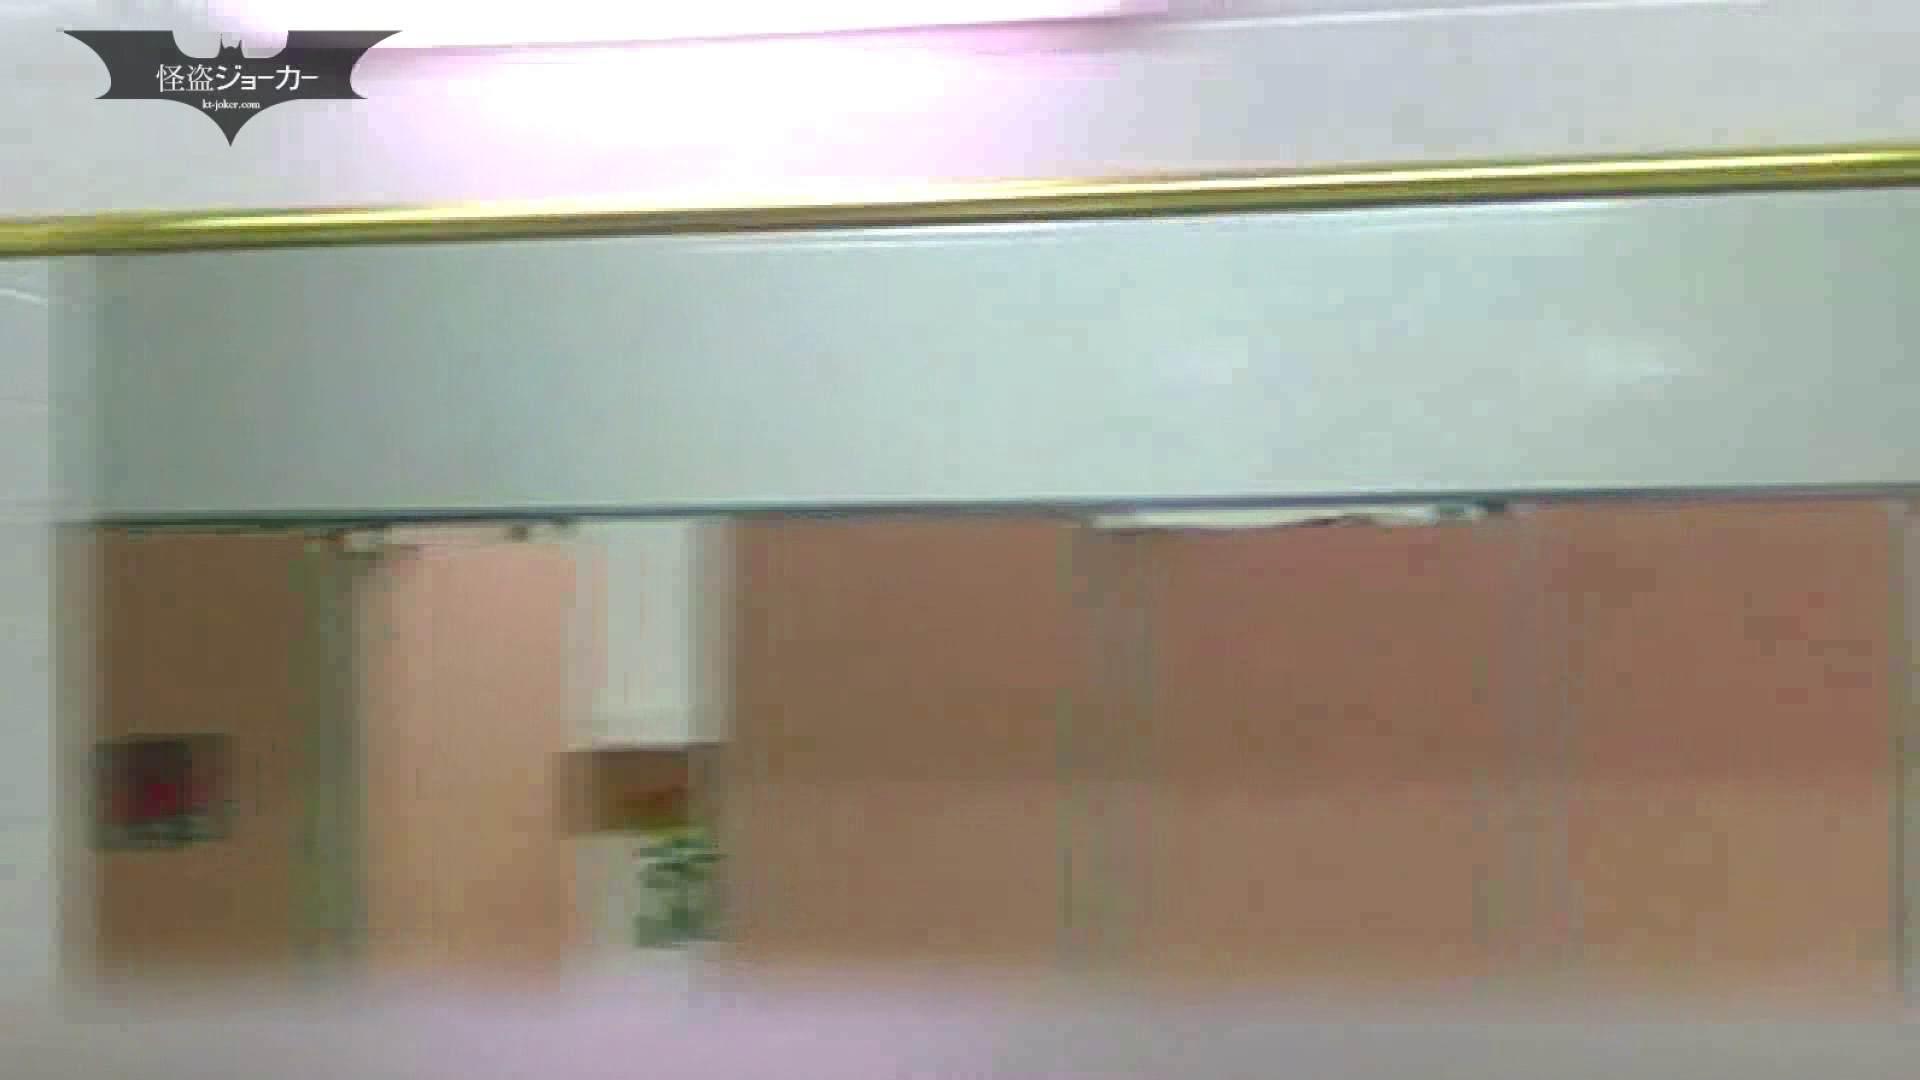 夏の思い出浜辺トイレ盗撮Vol.06 盗撮エロすぎ | 潜入エロ調査  23連発 12